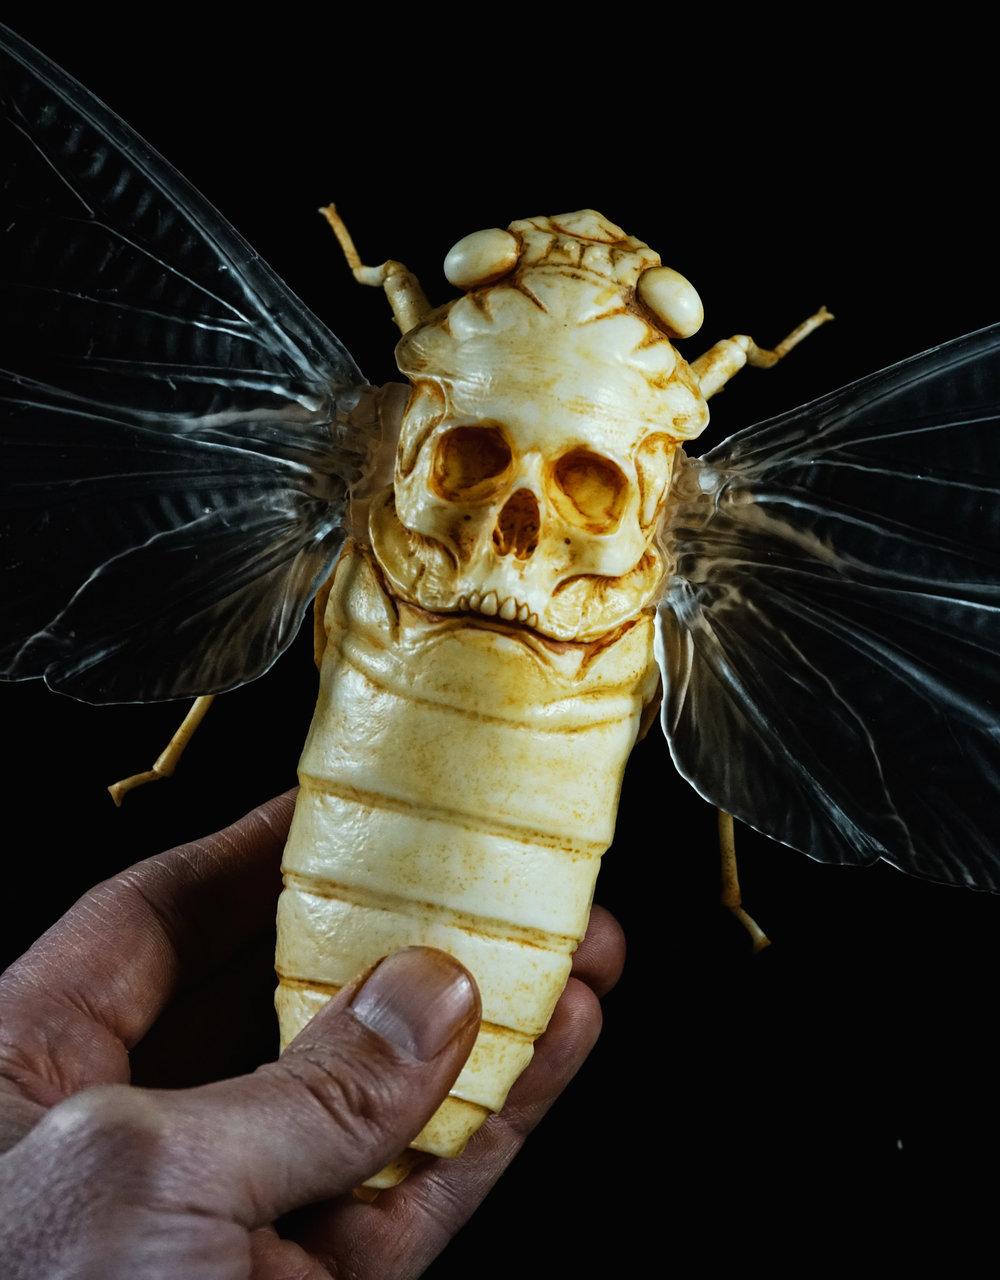 cicada_002.jpg